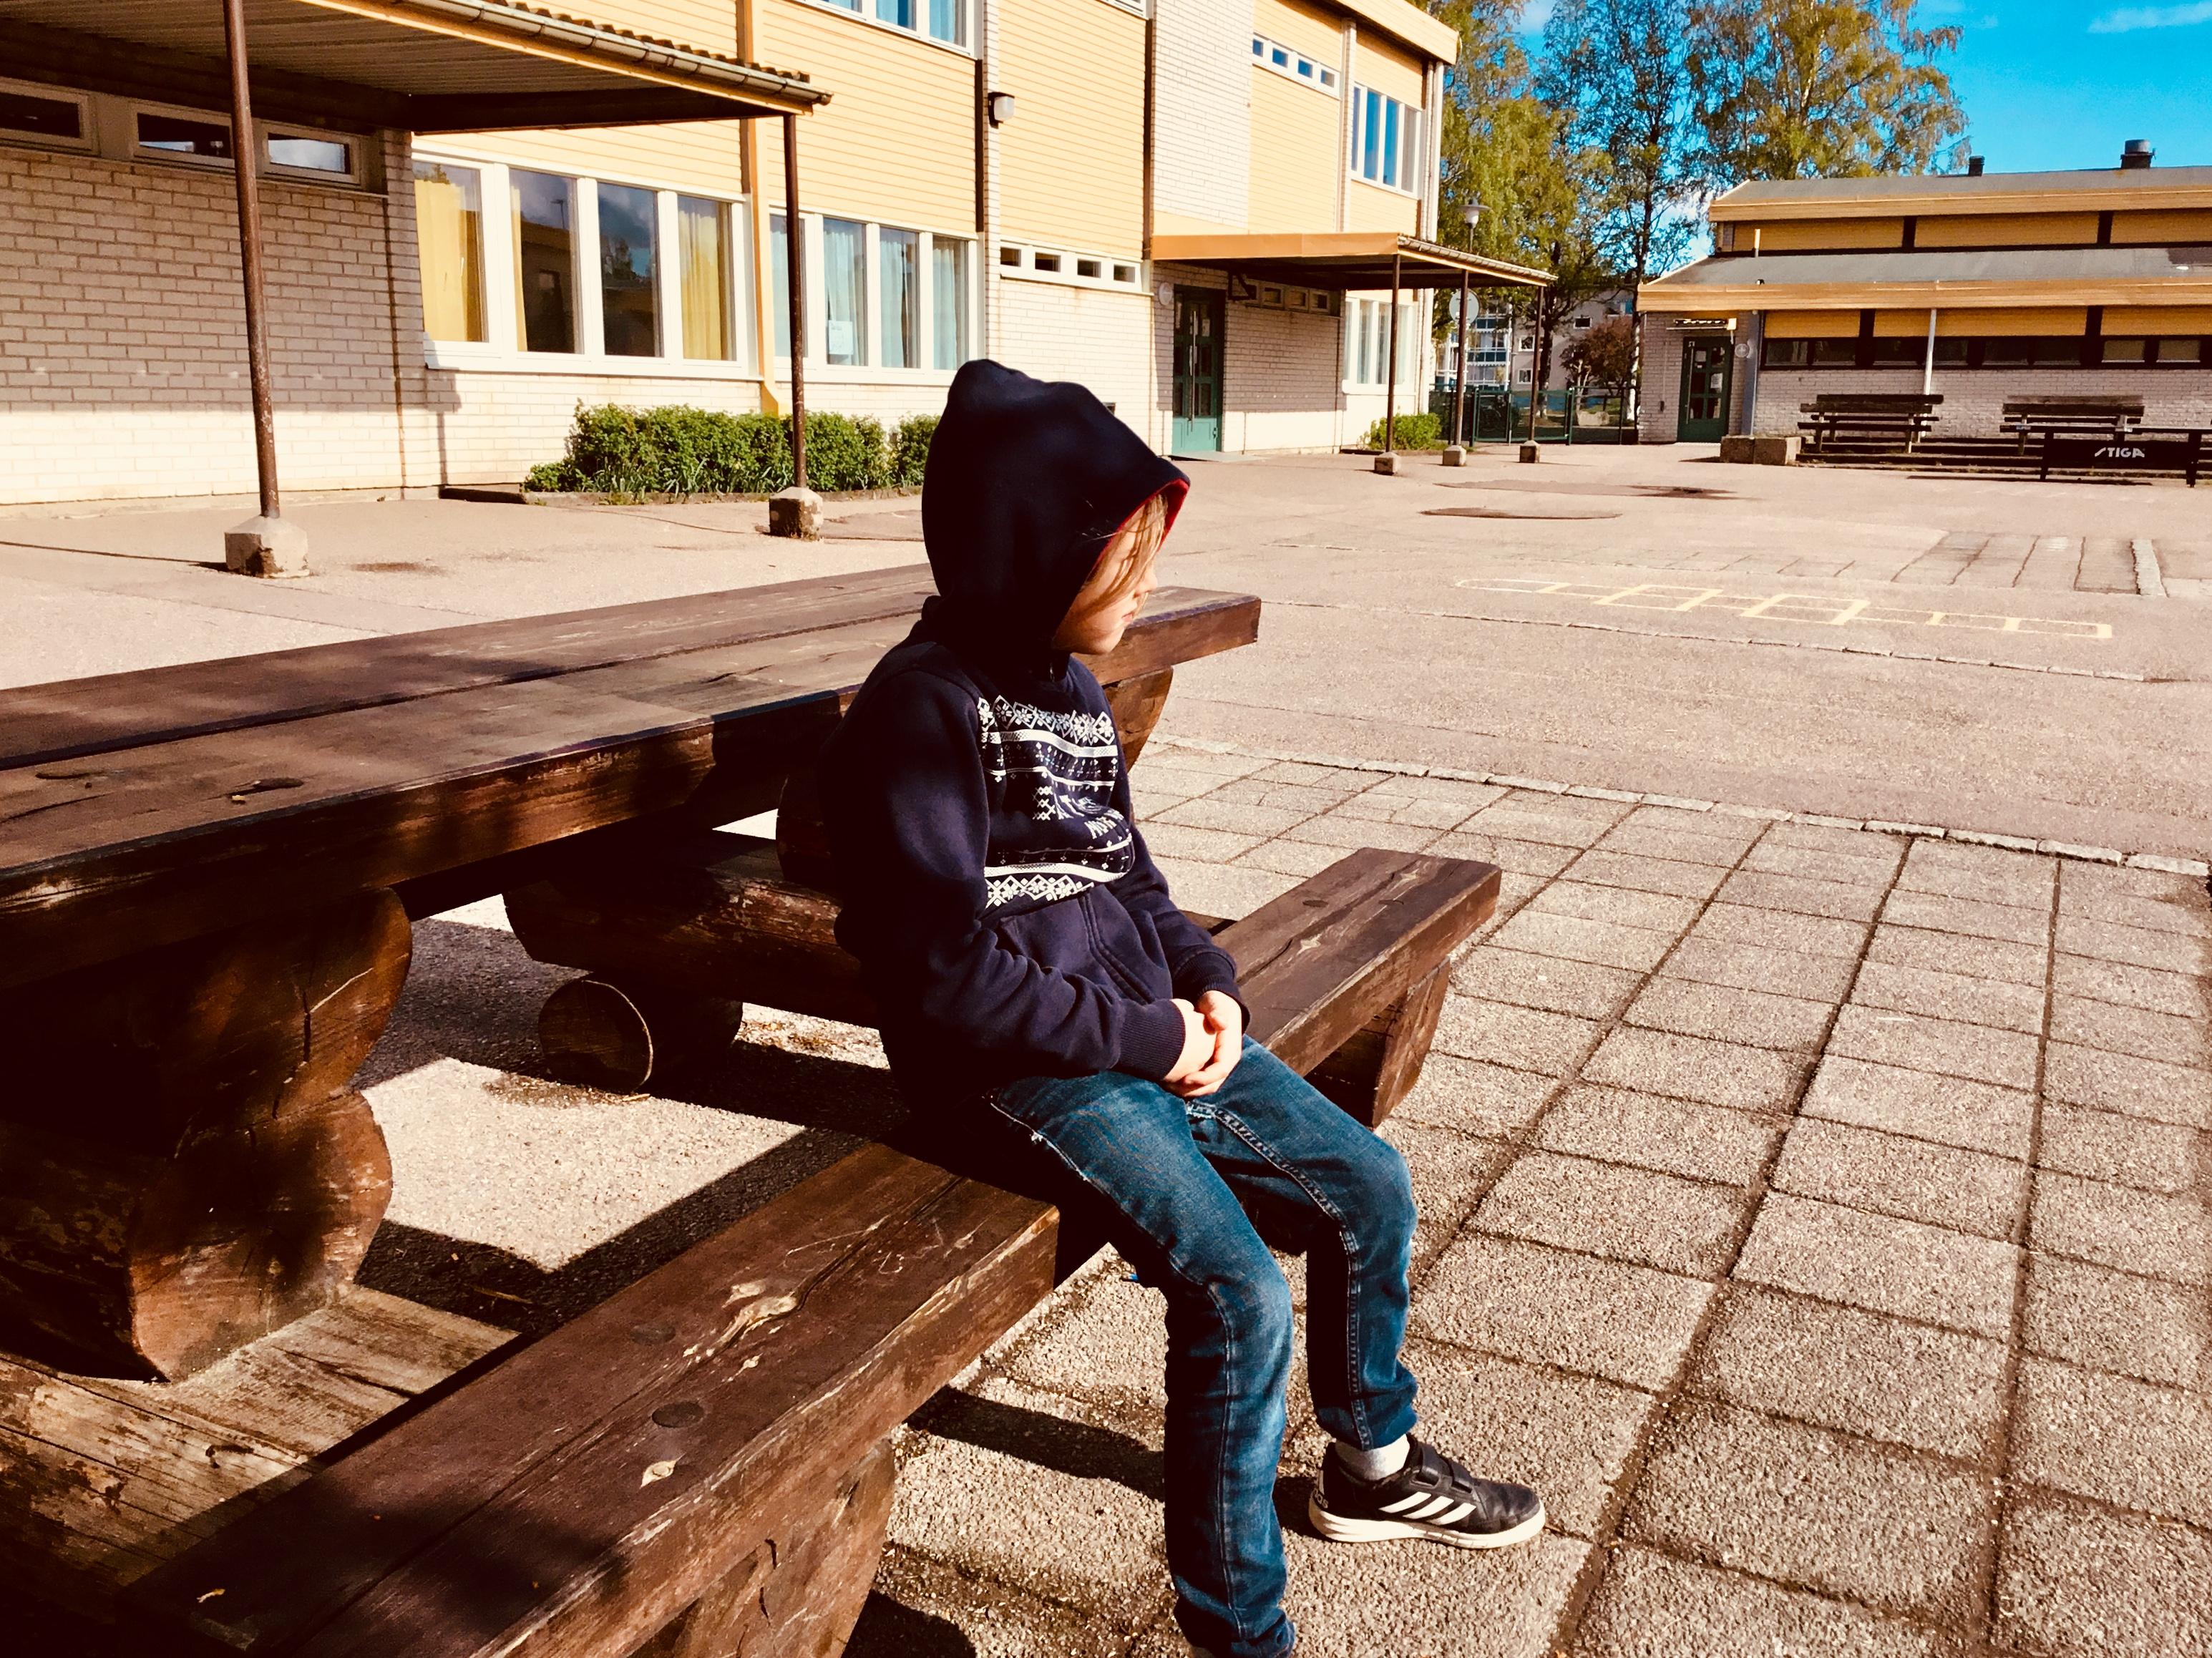 Ett barn sitter på en bänk i solen på en skolgård.